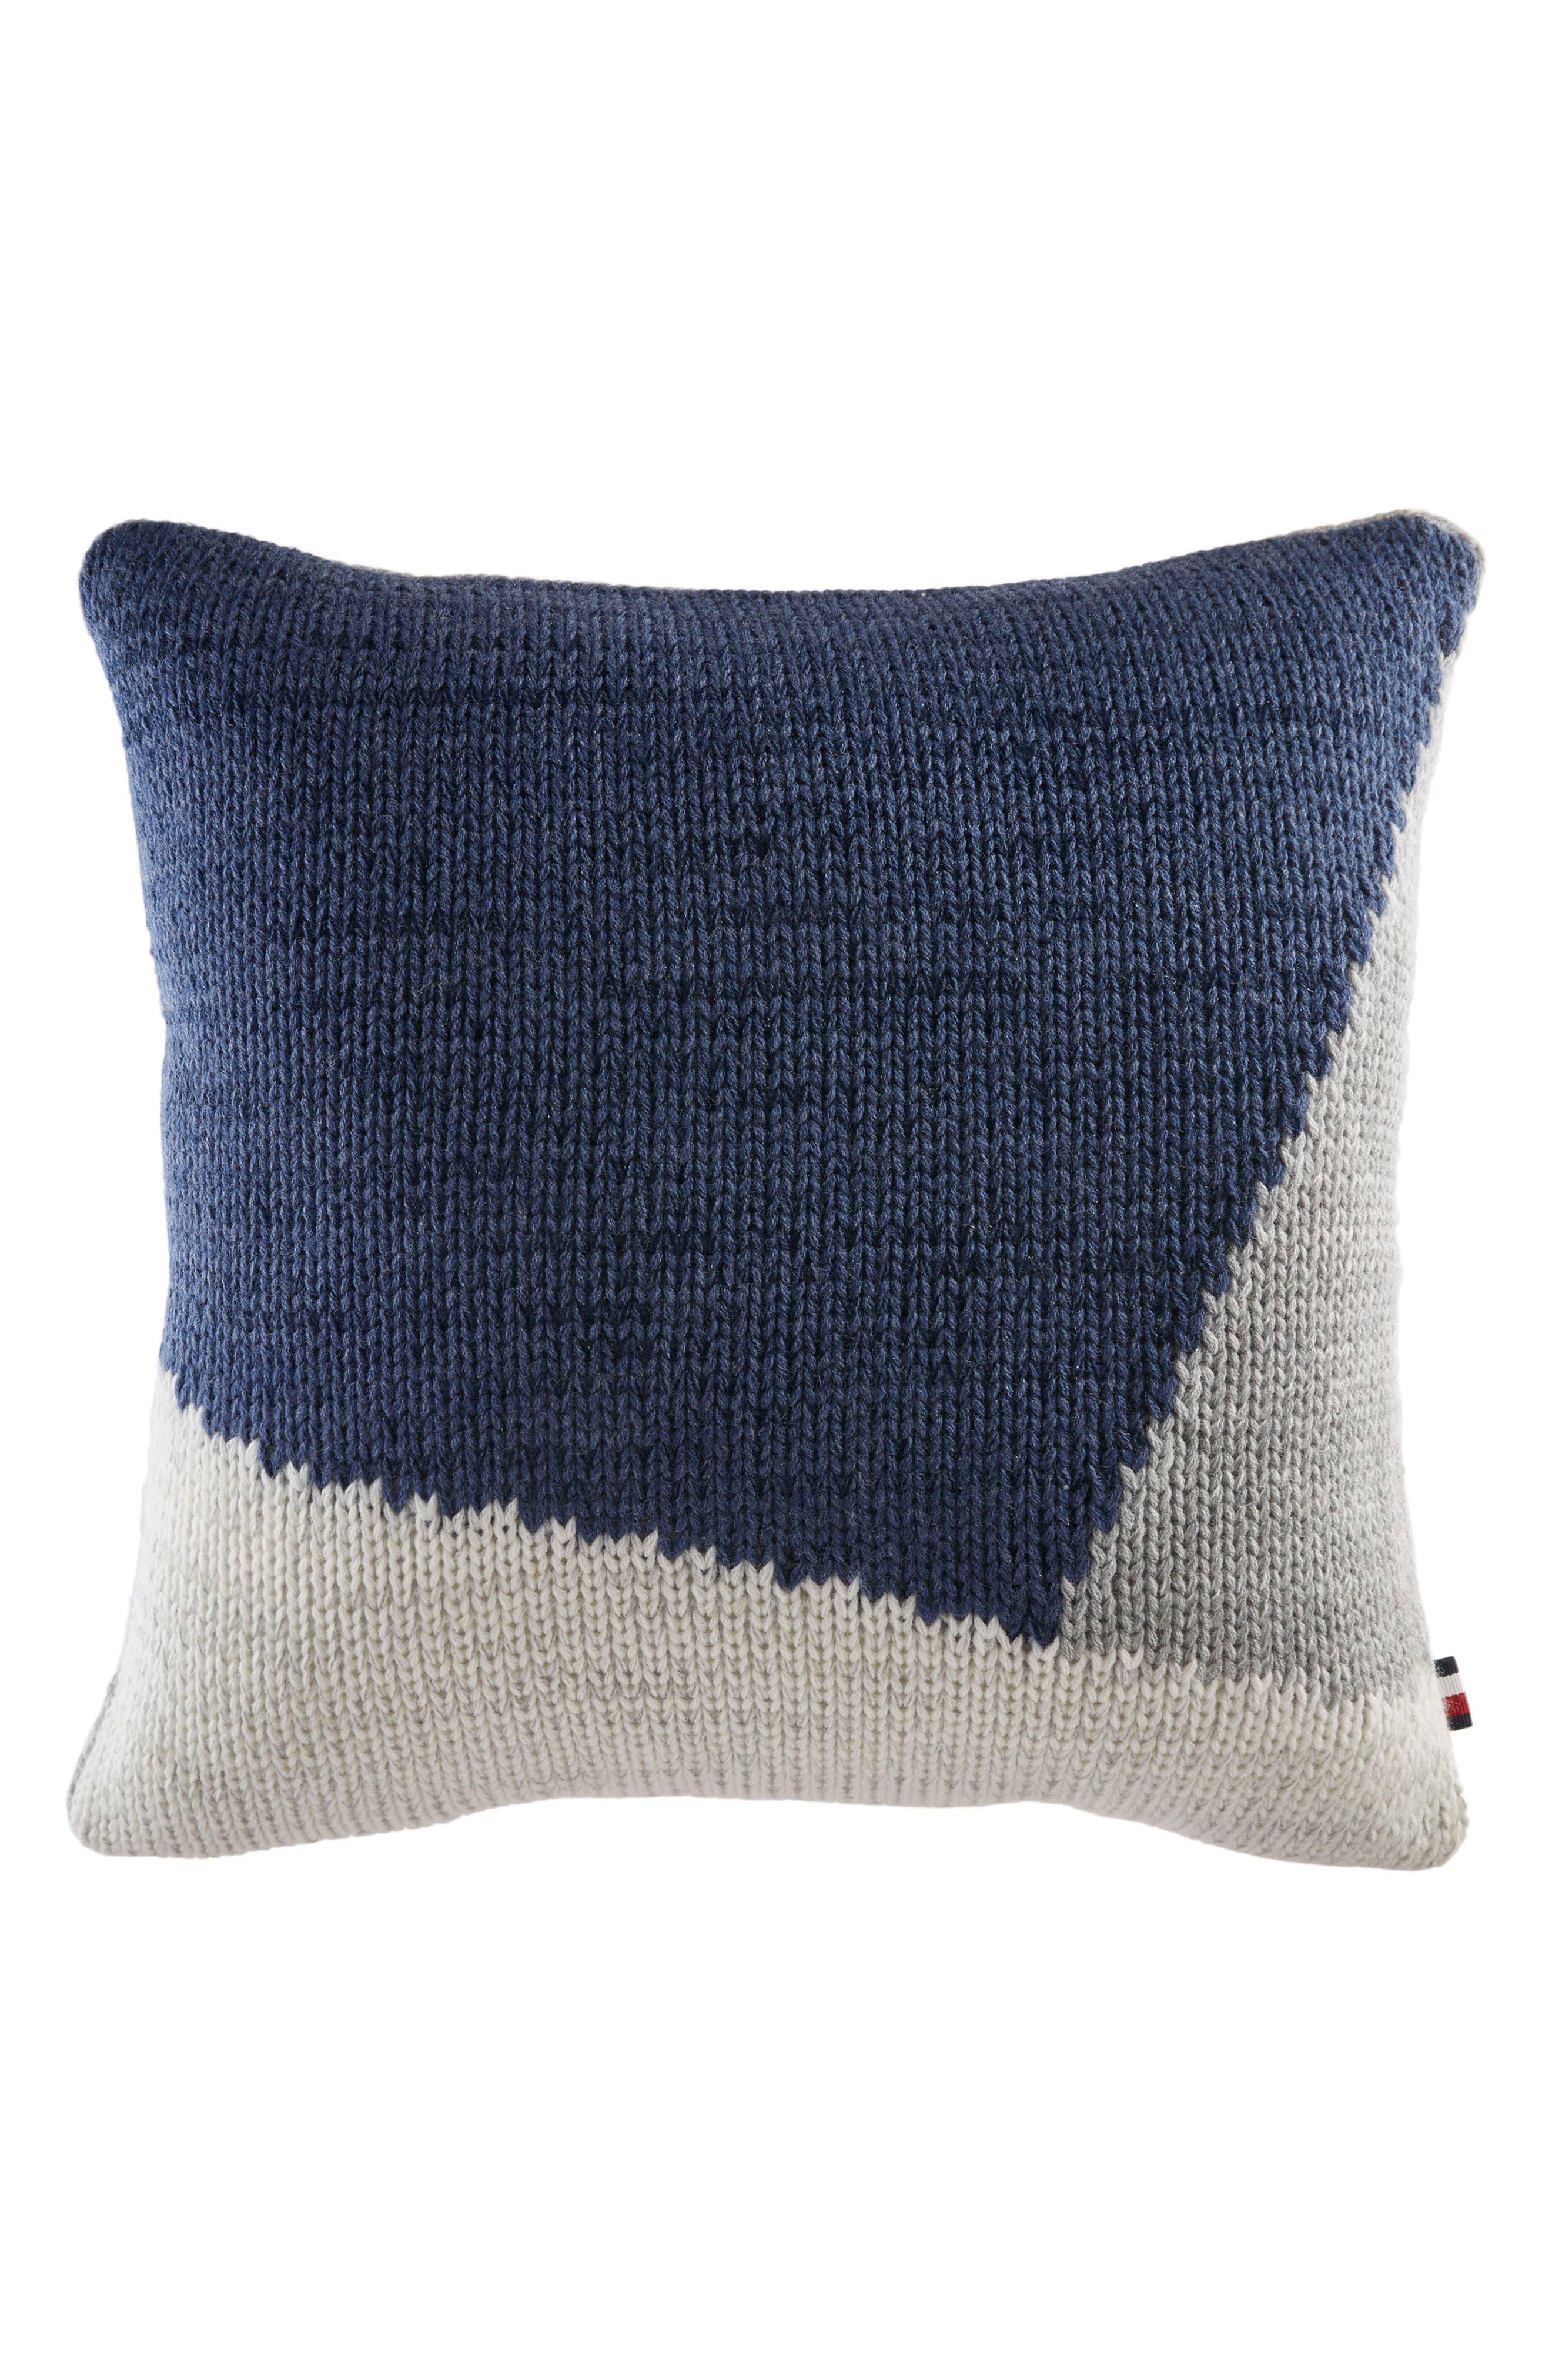 Colorblock Knit Accent Pillow,                         Main,                         color, 416